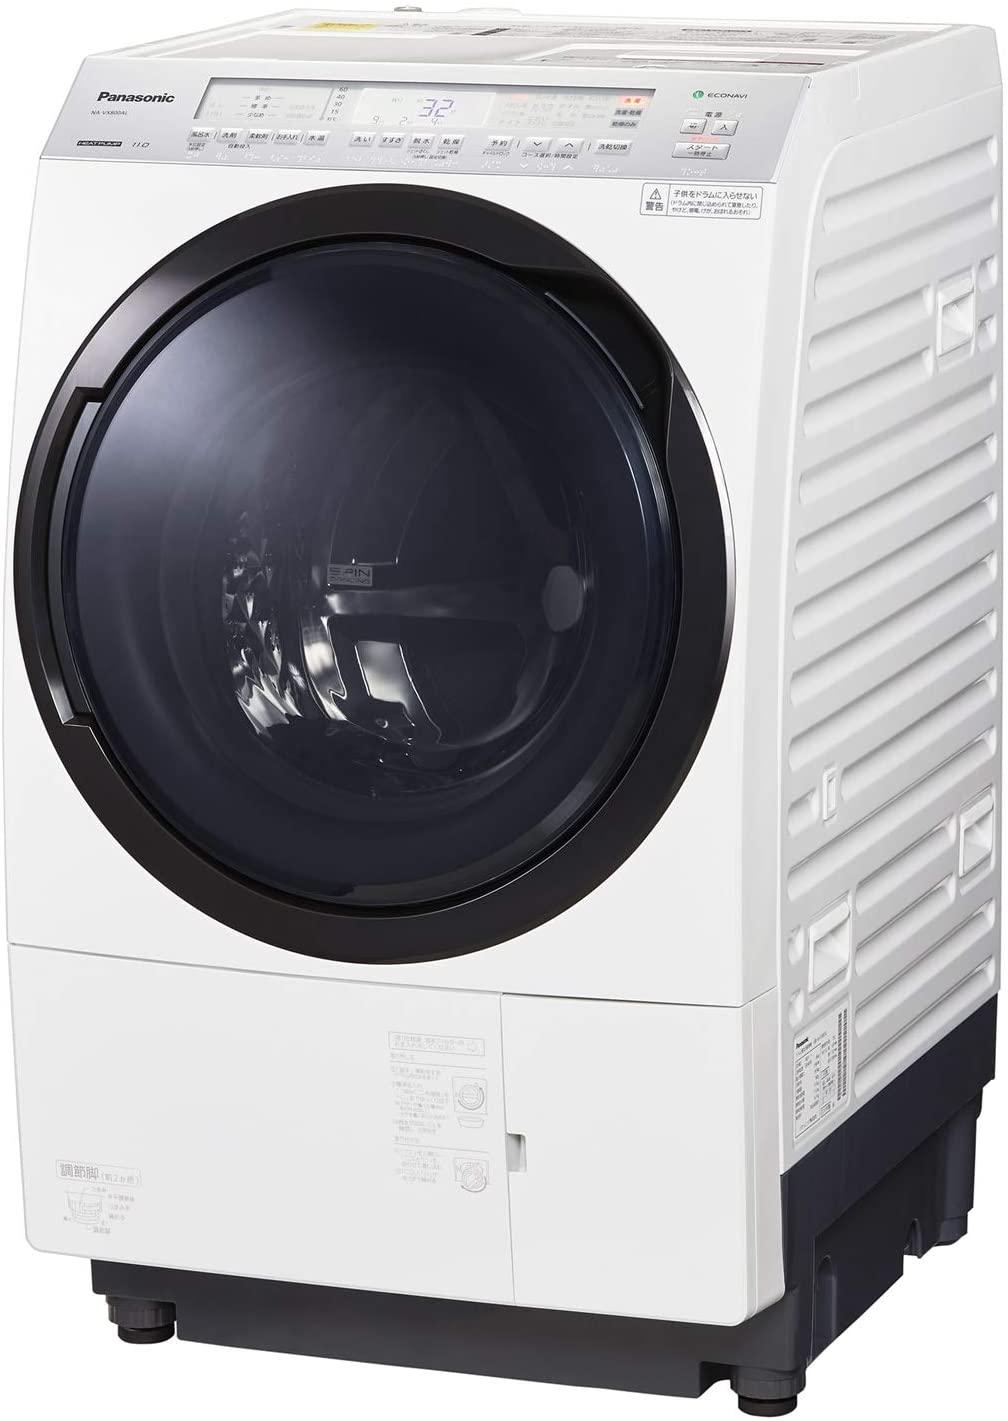 Panasonic(パナソニック) ななめドラム洗濯乾燥機 NA-VX800A